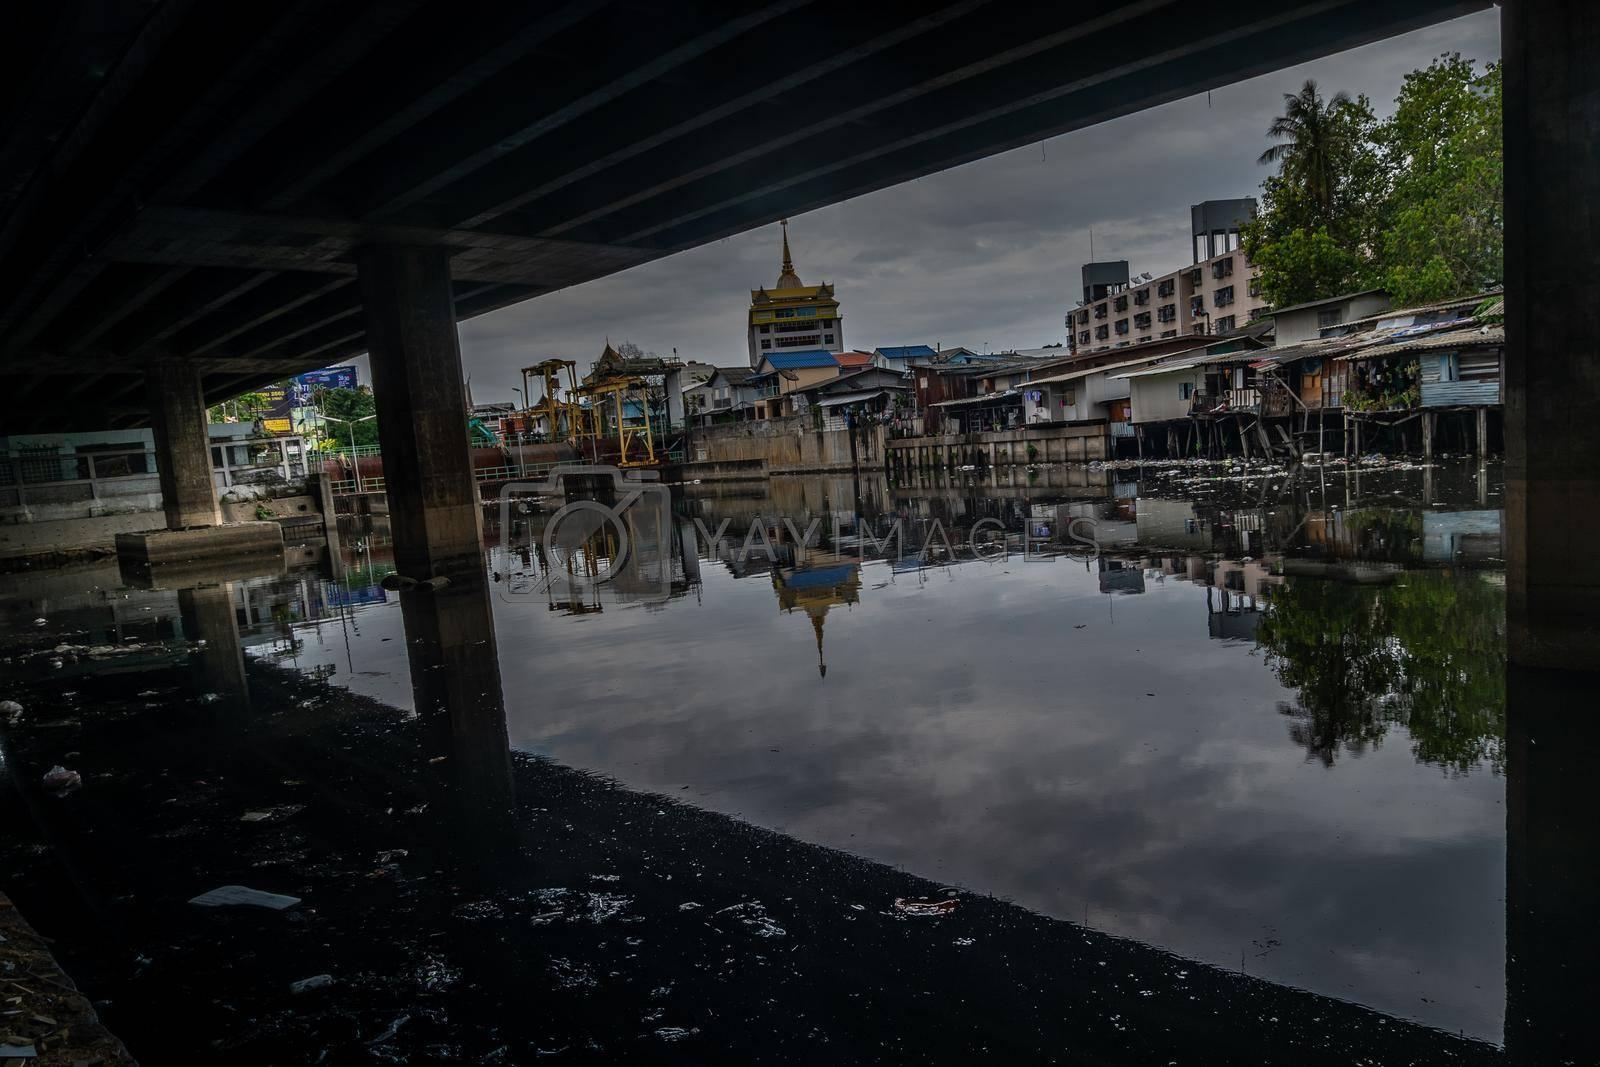 bangkok,Thailand - jun 30, 2019 : Traditional old house on Khlong Phra Khanong and near the expressway